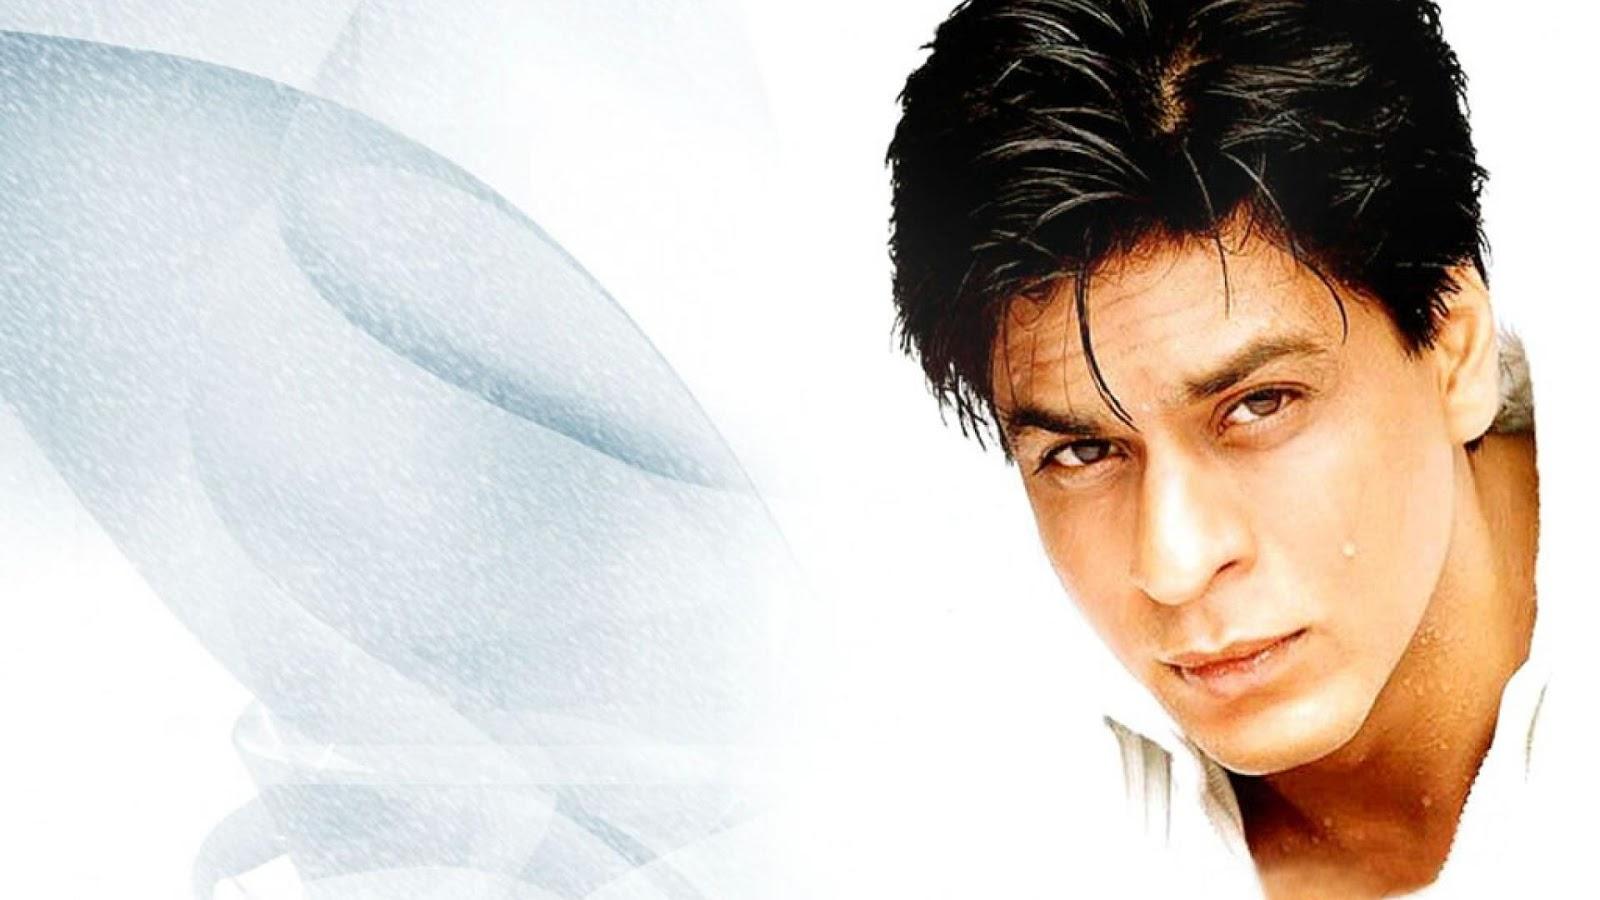 shahrukh khan - best new hd wallpaper download for crickter wwe